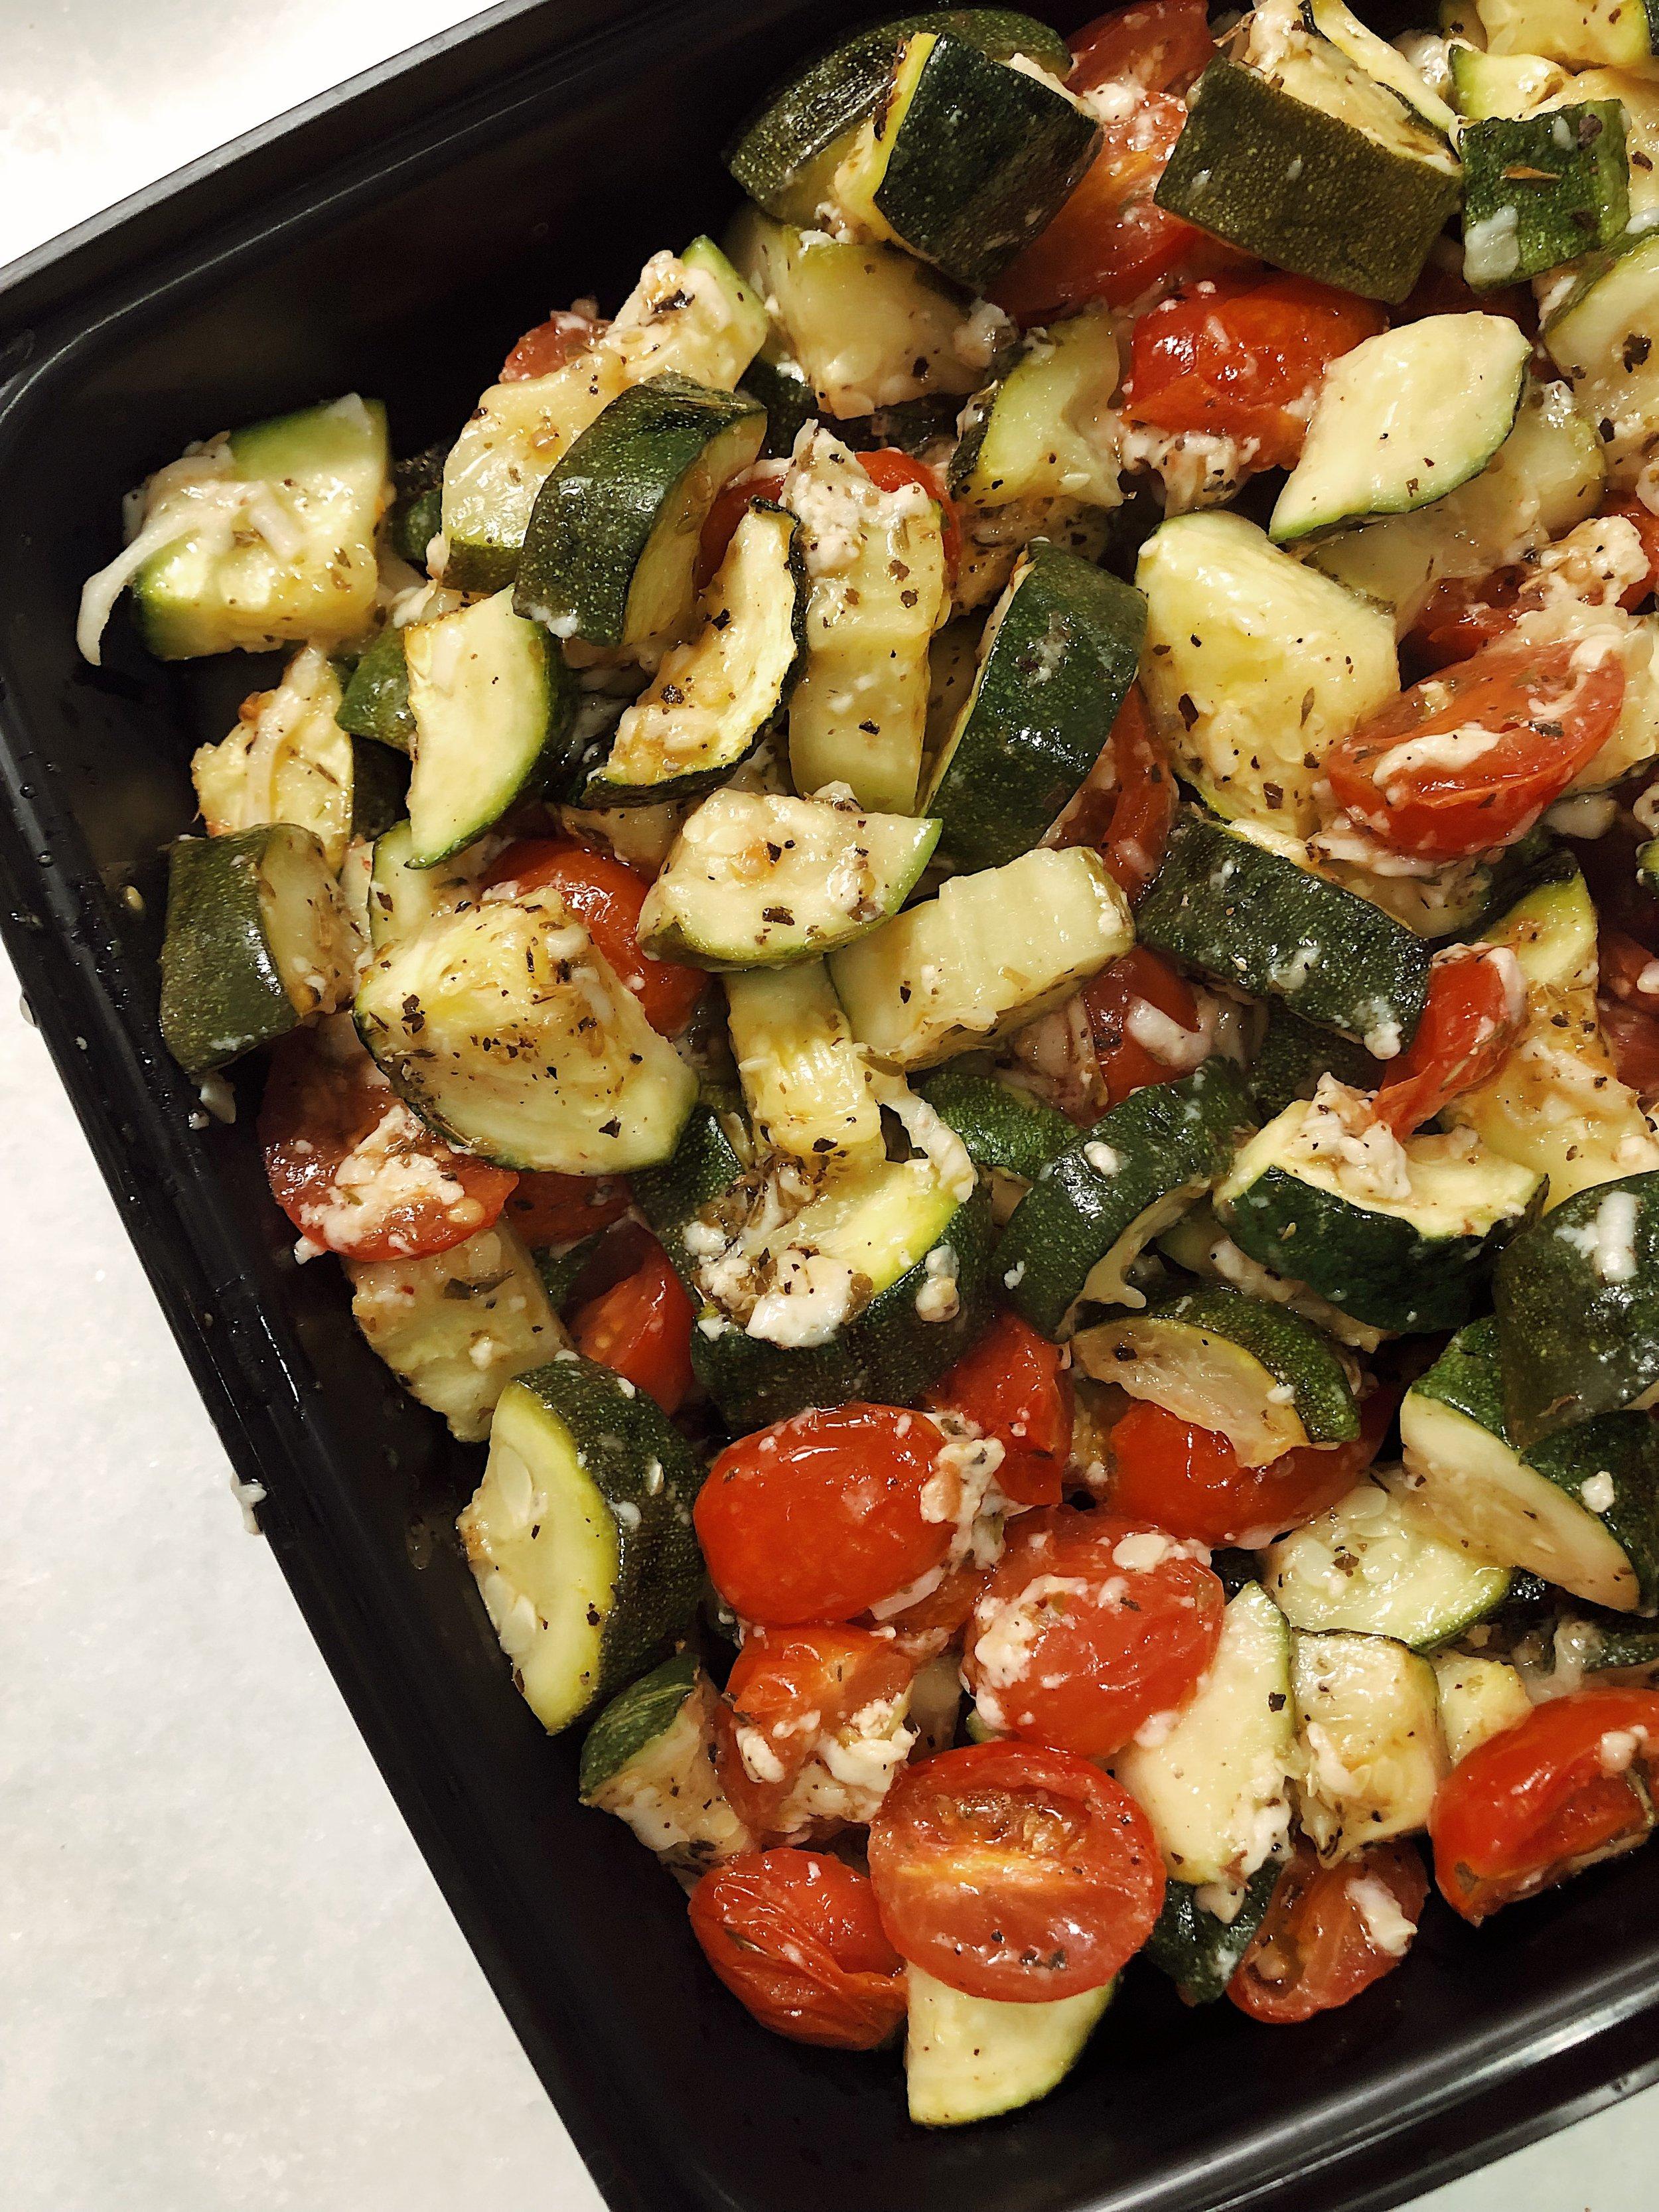 zucchini-bake-colleen-gallagher.jpg